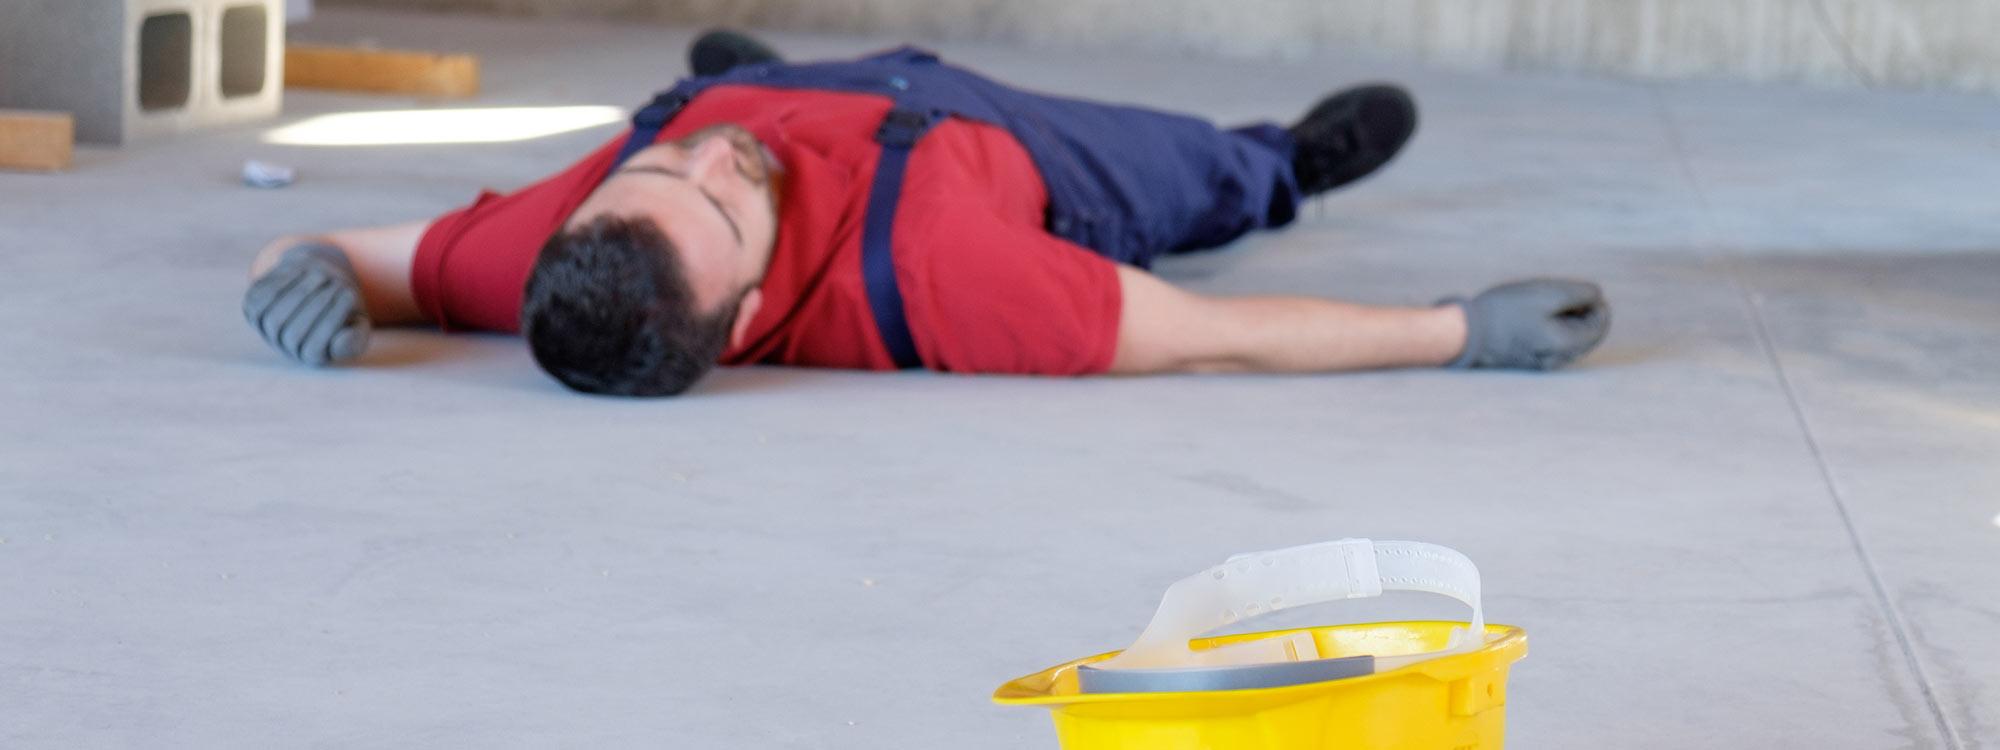 Fallen Worker